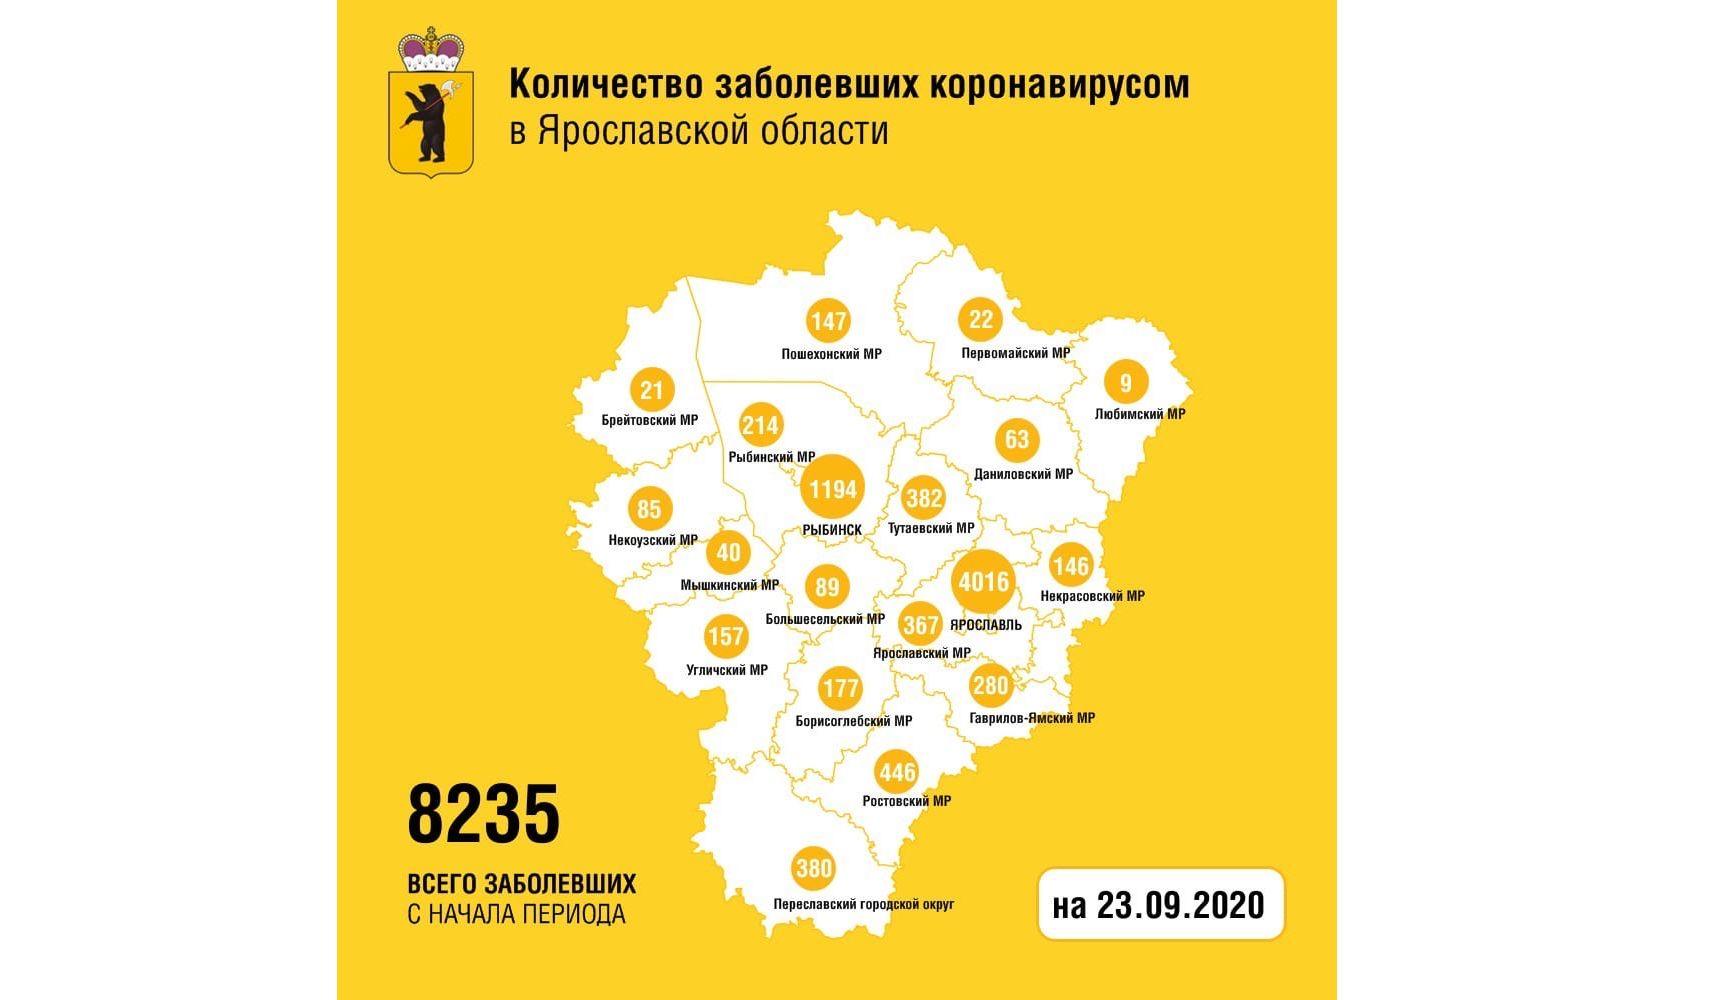 Еще 90 жителей Ярославской области вылечили от коронавируса